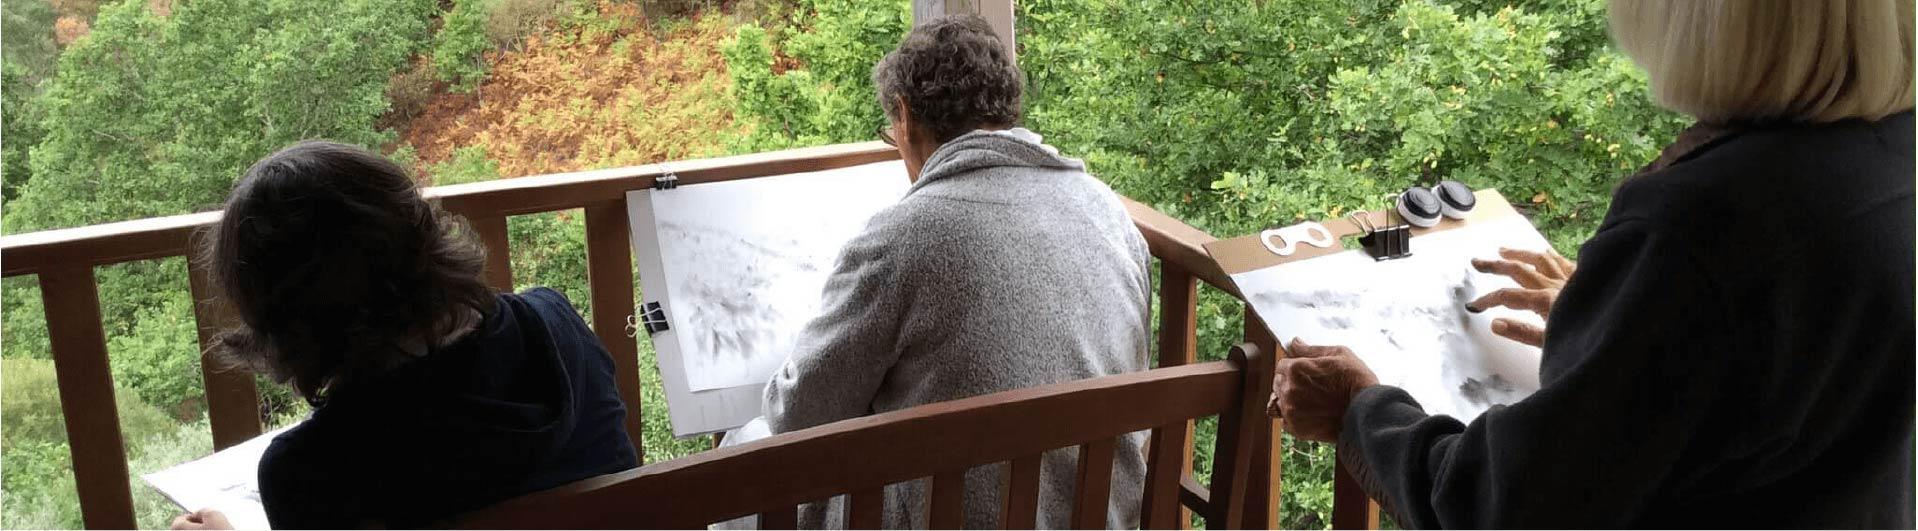 cerdeira-curso-5-dias-desenho-na-natureza-cerdeira